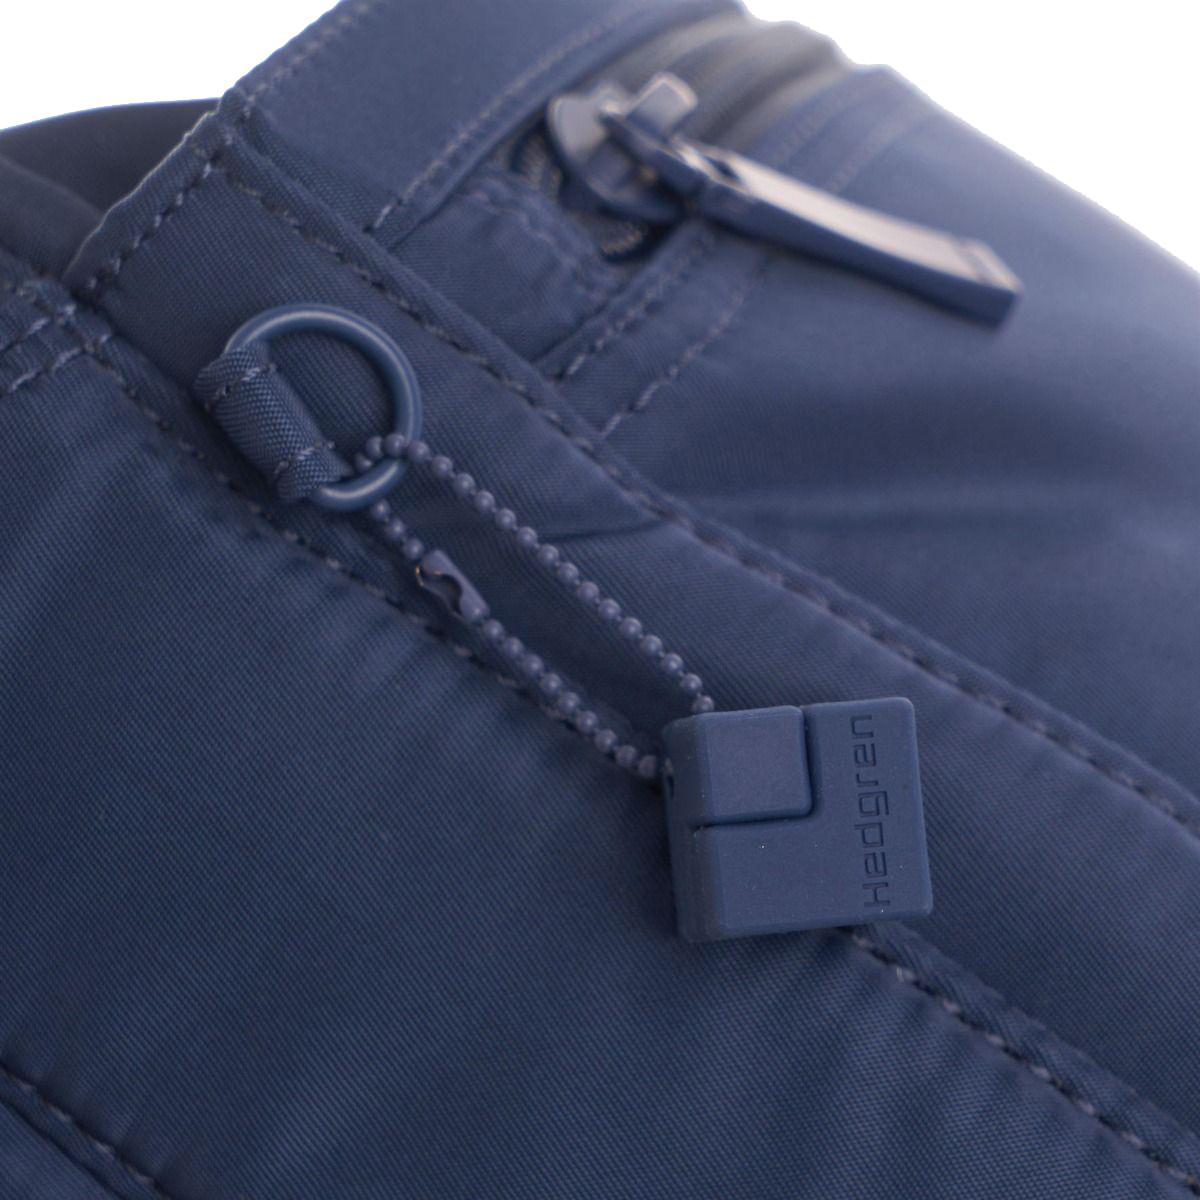 Hedgren Shoulder bag Eye M RFID Dress blue Tone on Tone Taška Hedgren Eye M patrí do ikonickej kolekcie Inner city, ktorá nadčasovým designom, odolným materiálom a praktickosťou dobýva európsky trh.  - hlavné vrecko s organizérom na zips - čalúnené vrecko na tablet - vrecko na smartphone - vnútorná kapsička na zips - integrovaná RFID ochrana - vodoodolný materiál - kovové logo na prednej časti - dve predné vrecká na zips - jedno zadné vrecko na zips - nastaviteľný ramenný popruh